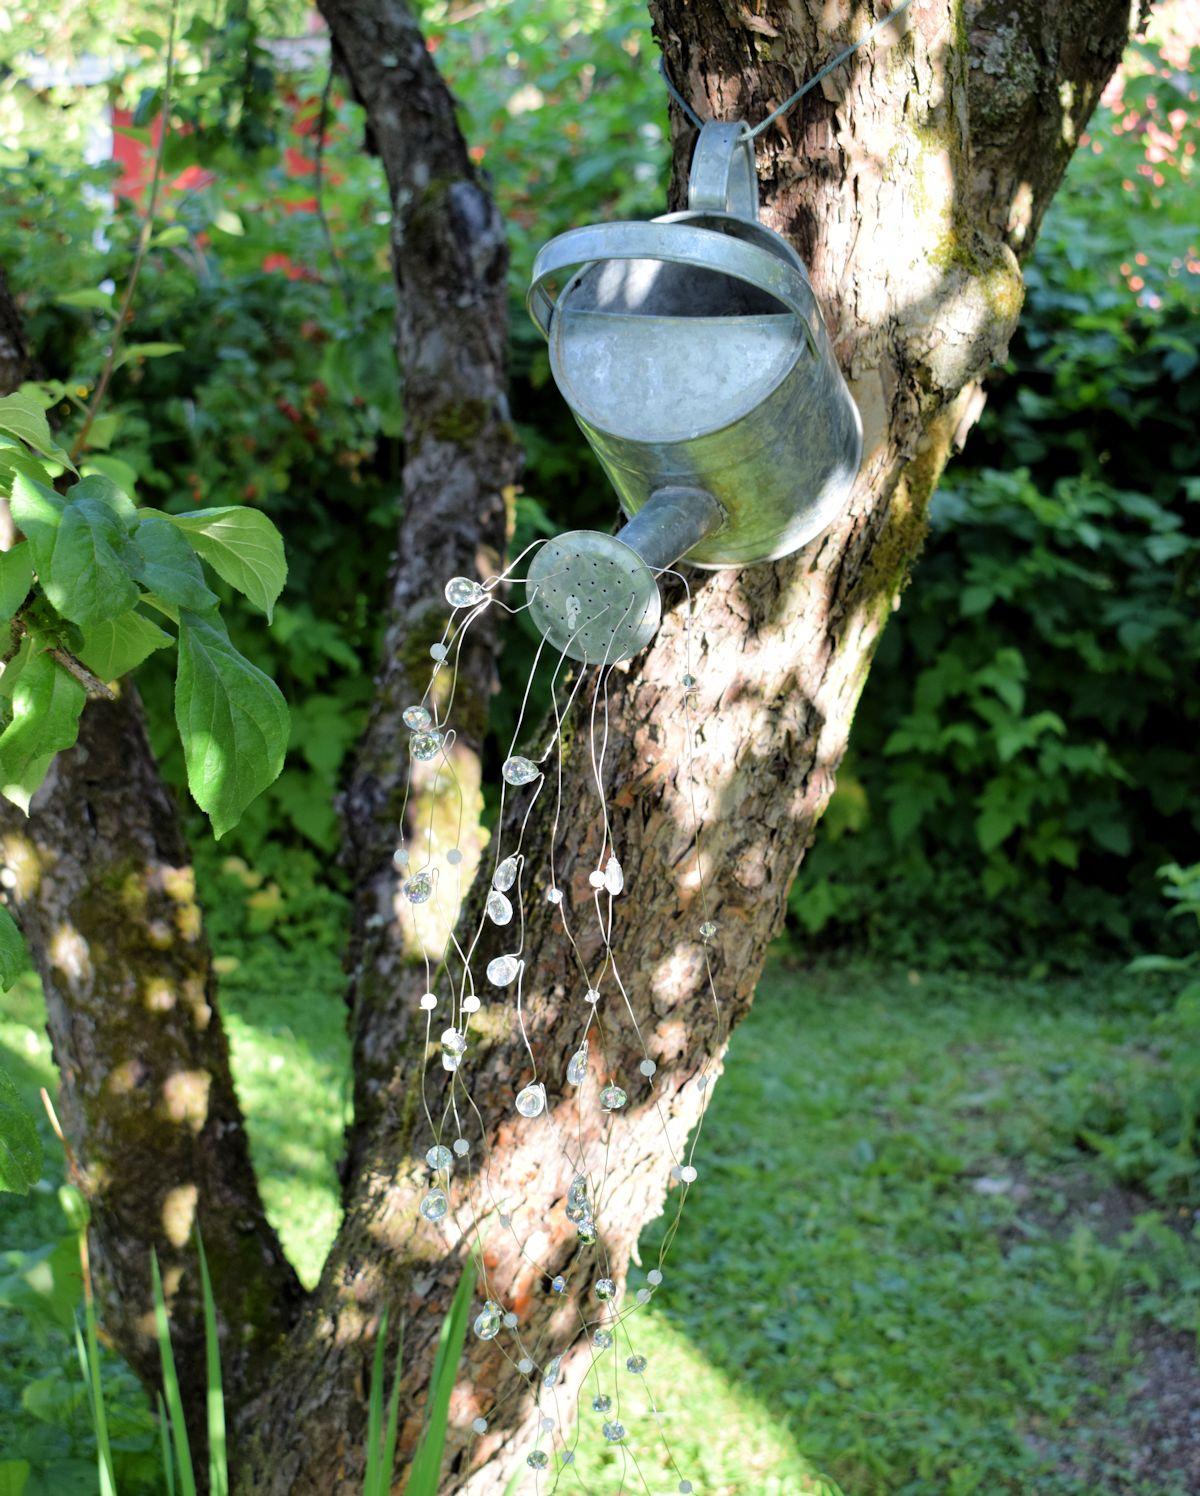 Sinkkinen kastelukannu omenapuussa.